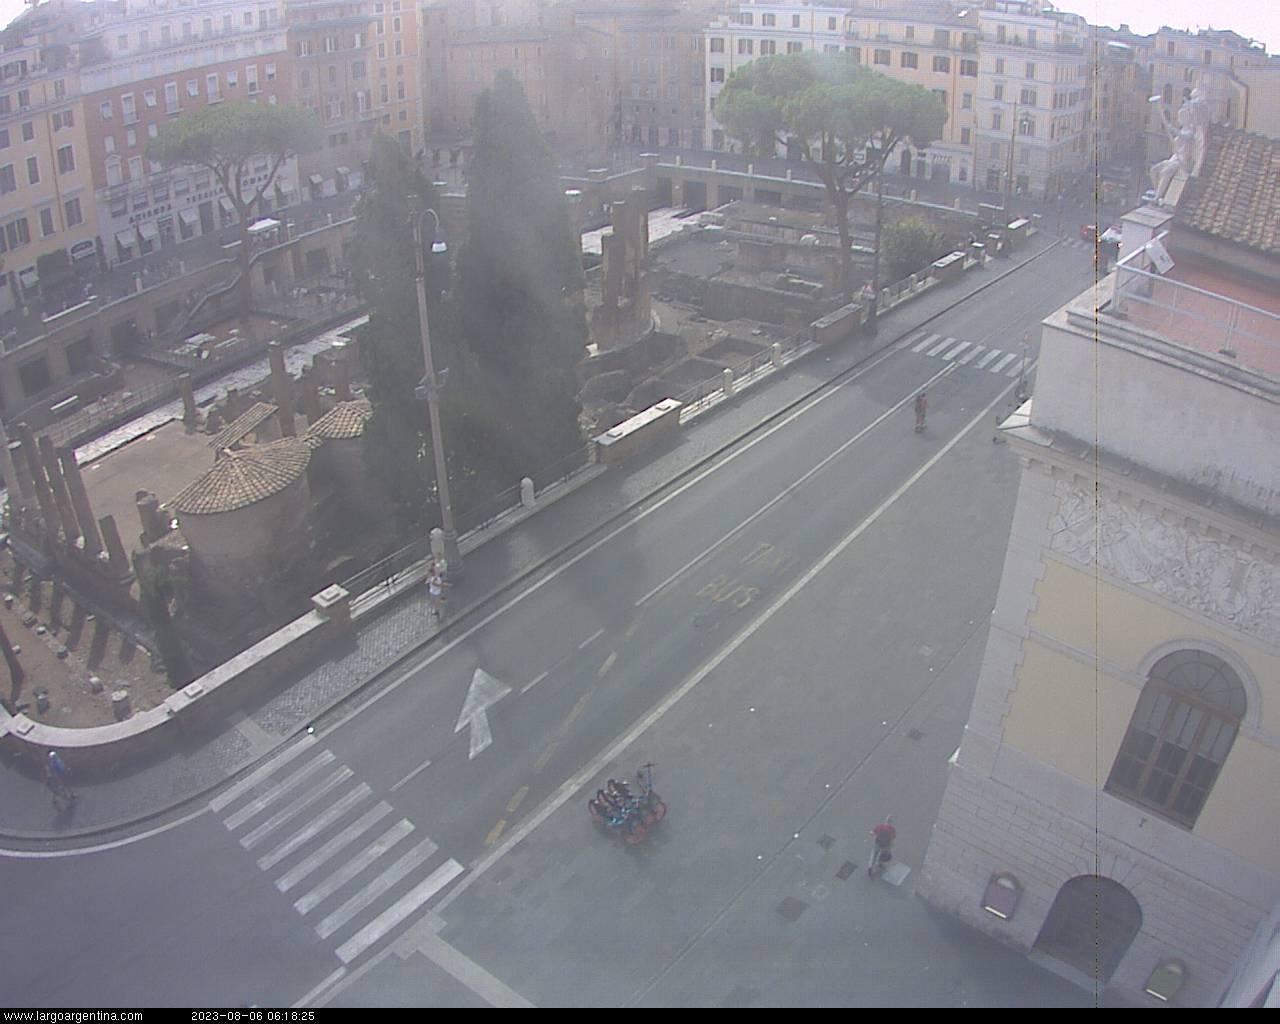 Roma Largo Argentina